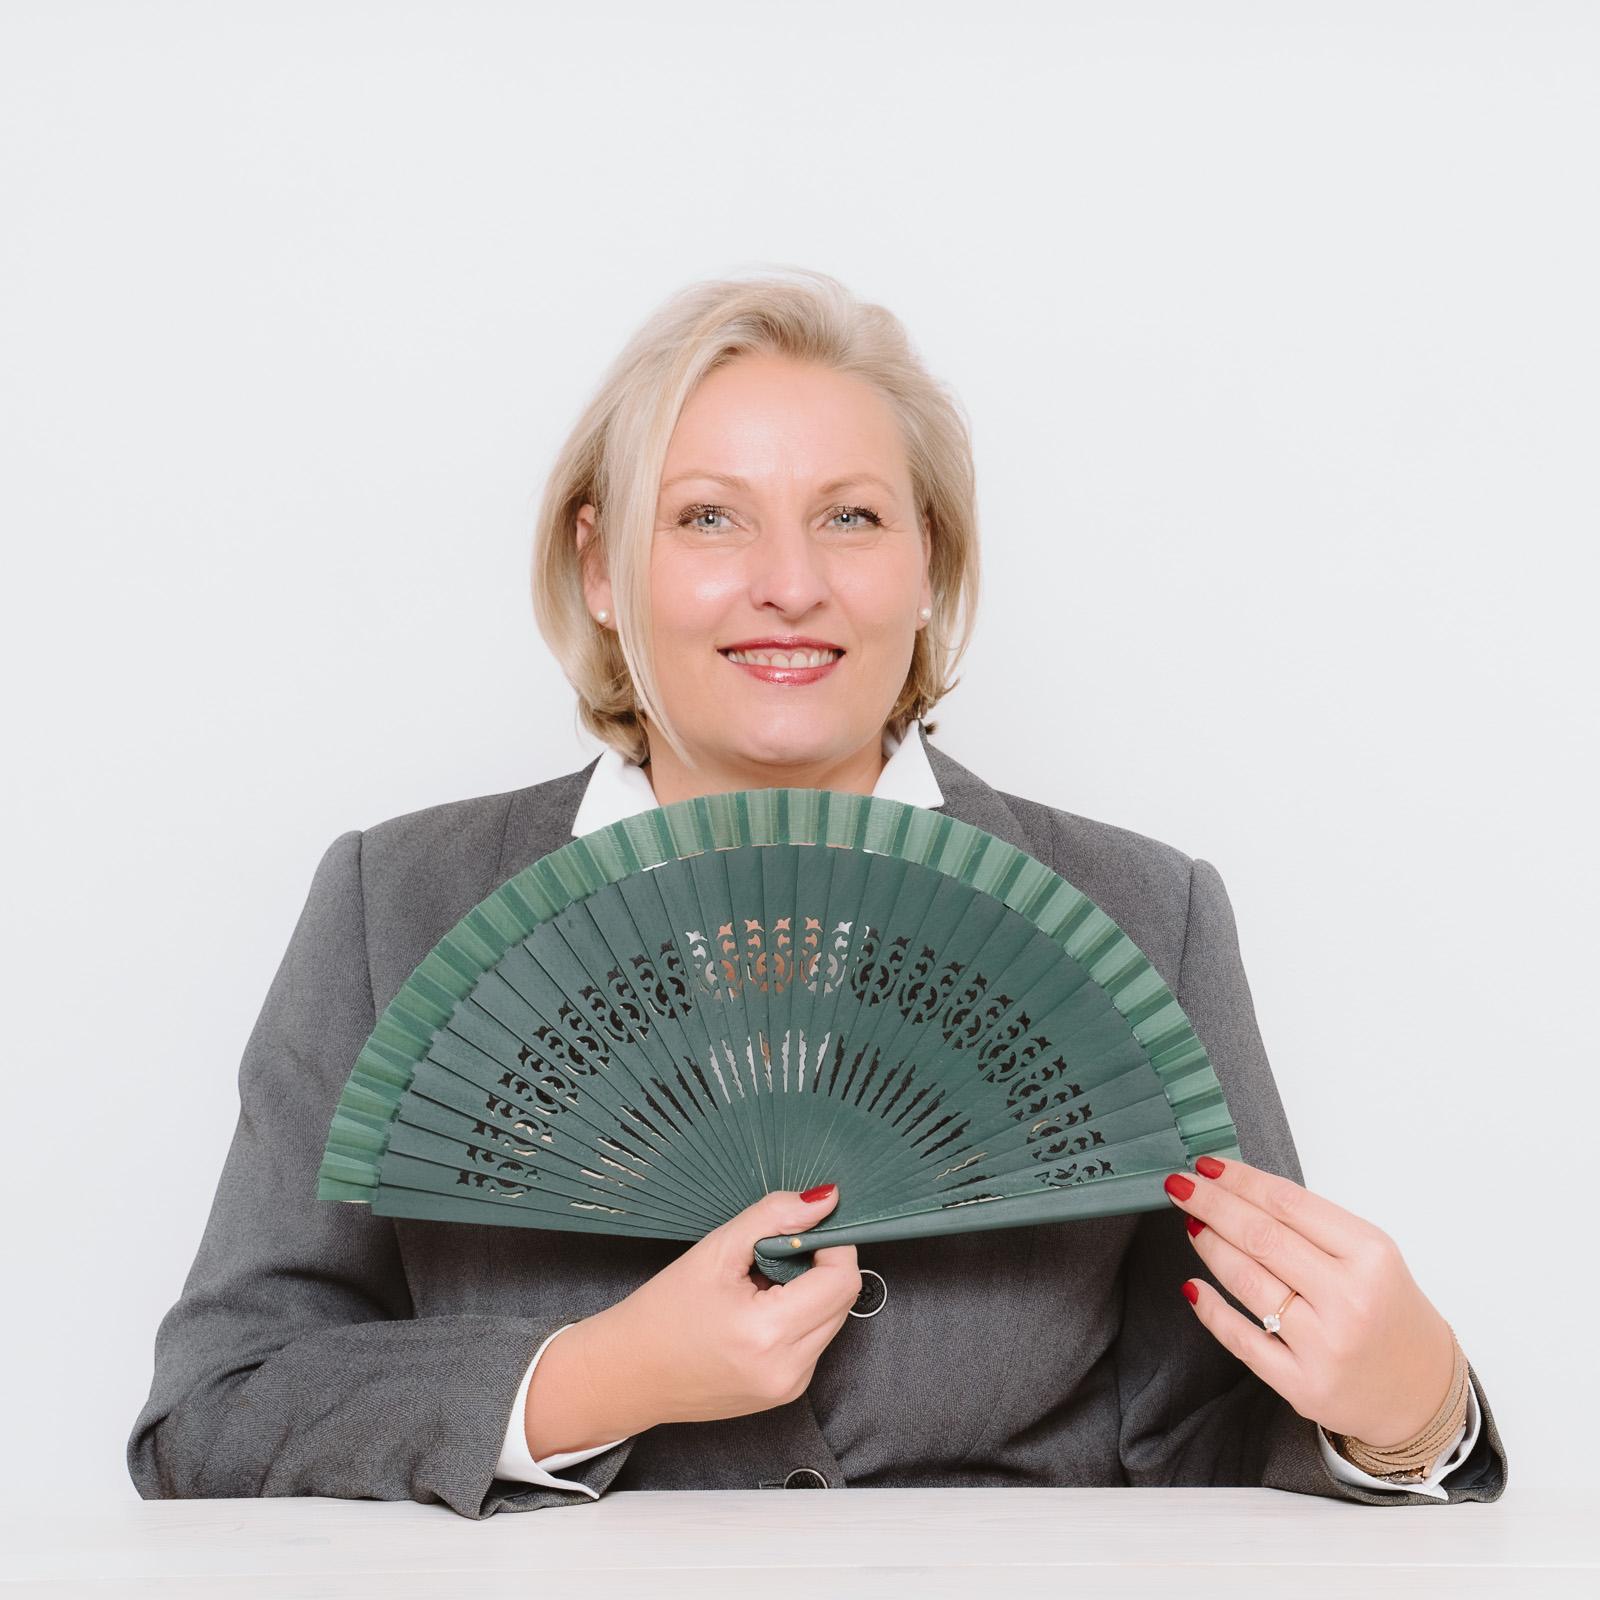 Businessporträts - Logopädin Kerstin Winterboer zeigt- Stimmentfaltung mit Leichtigkeit